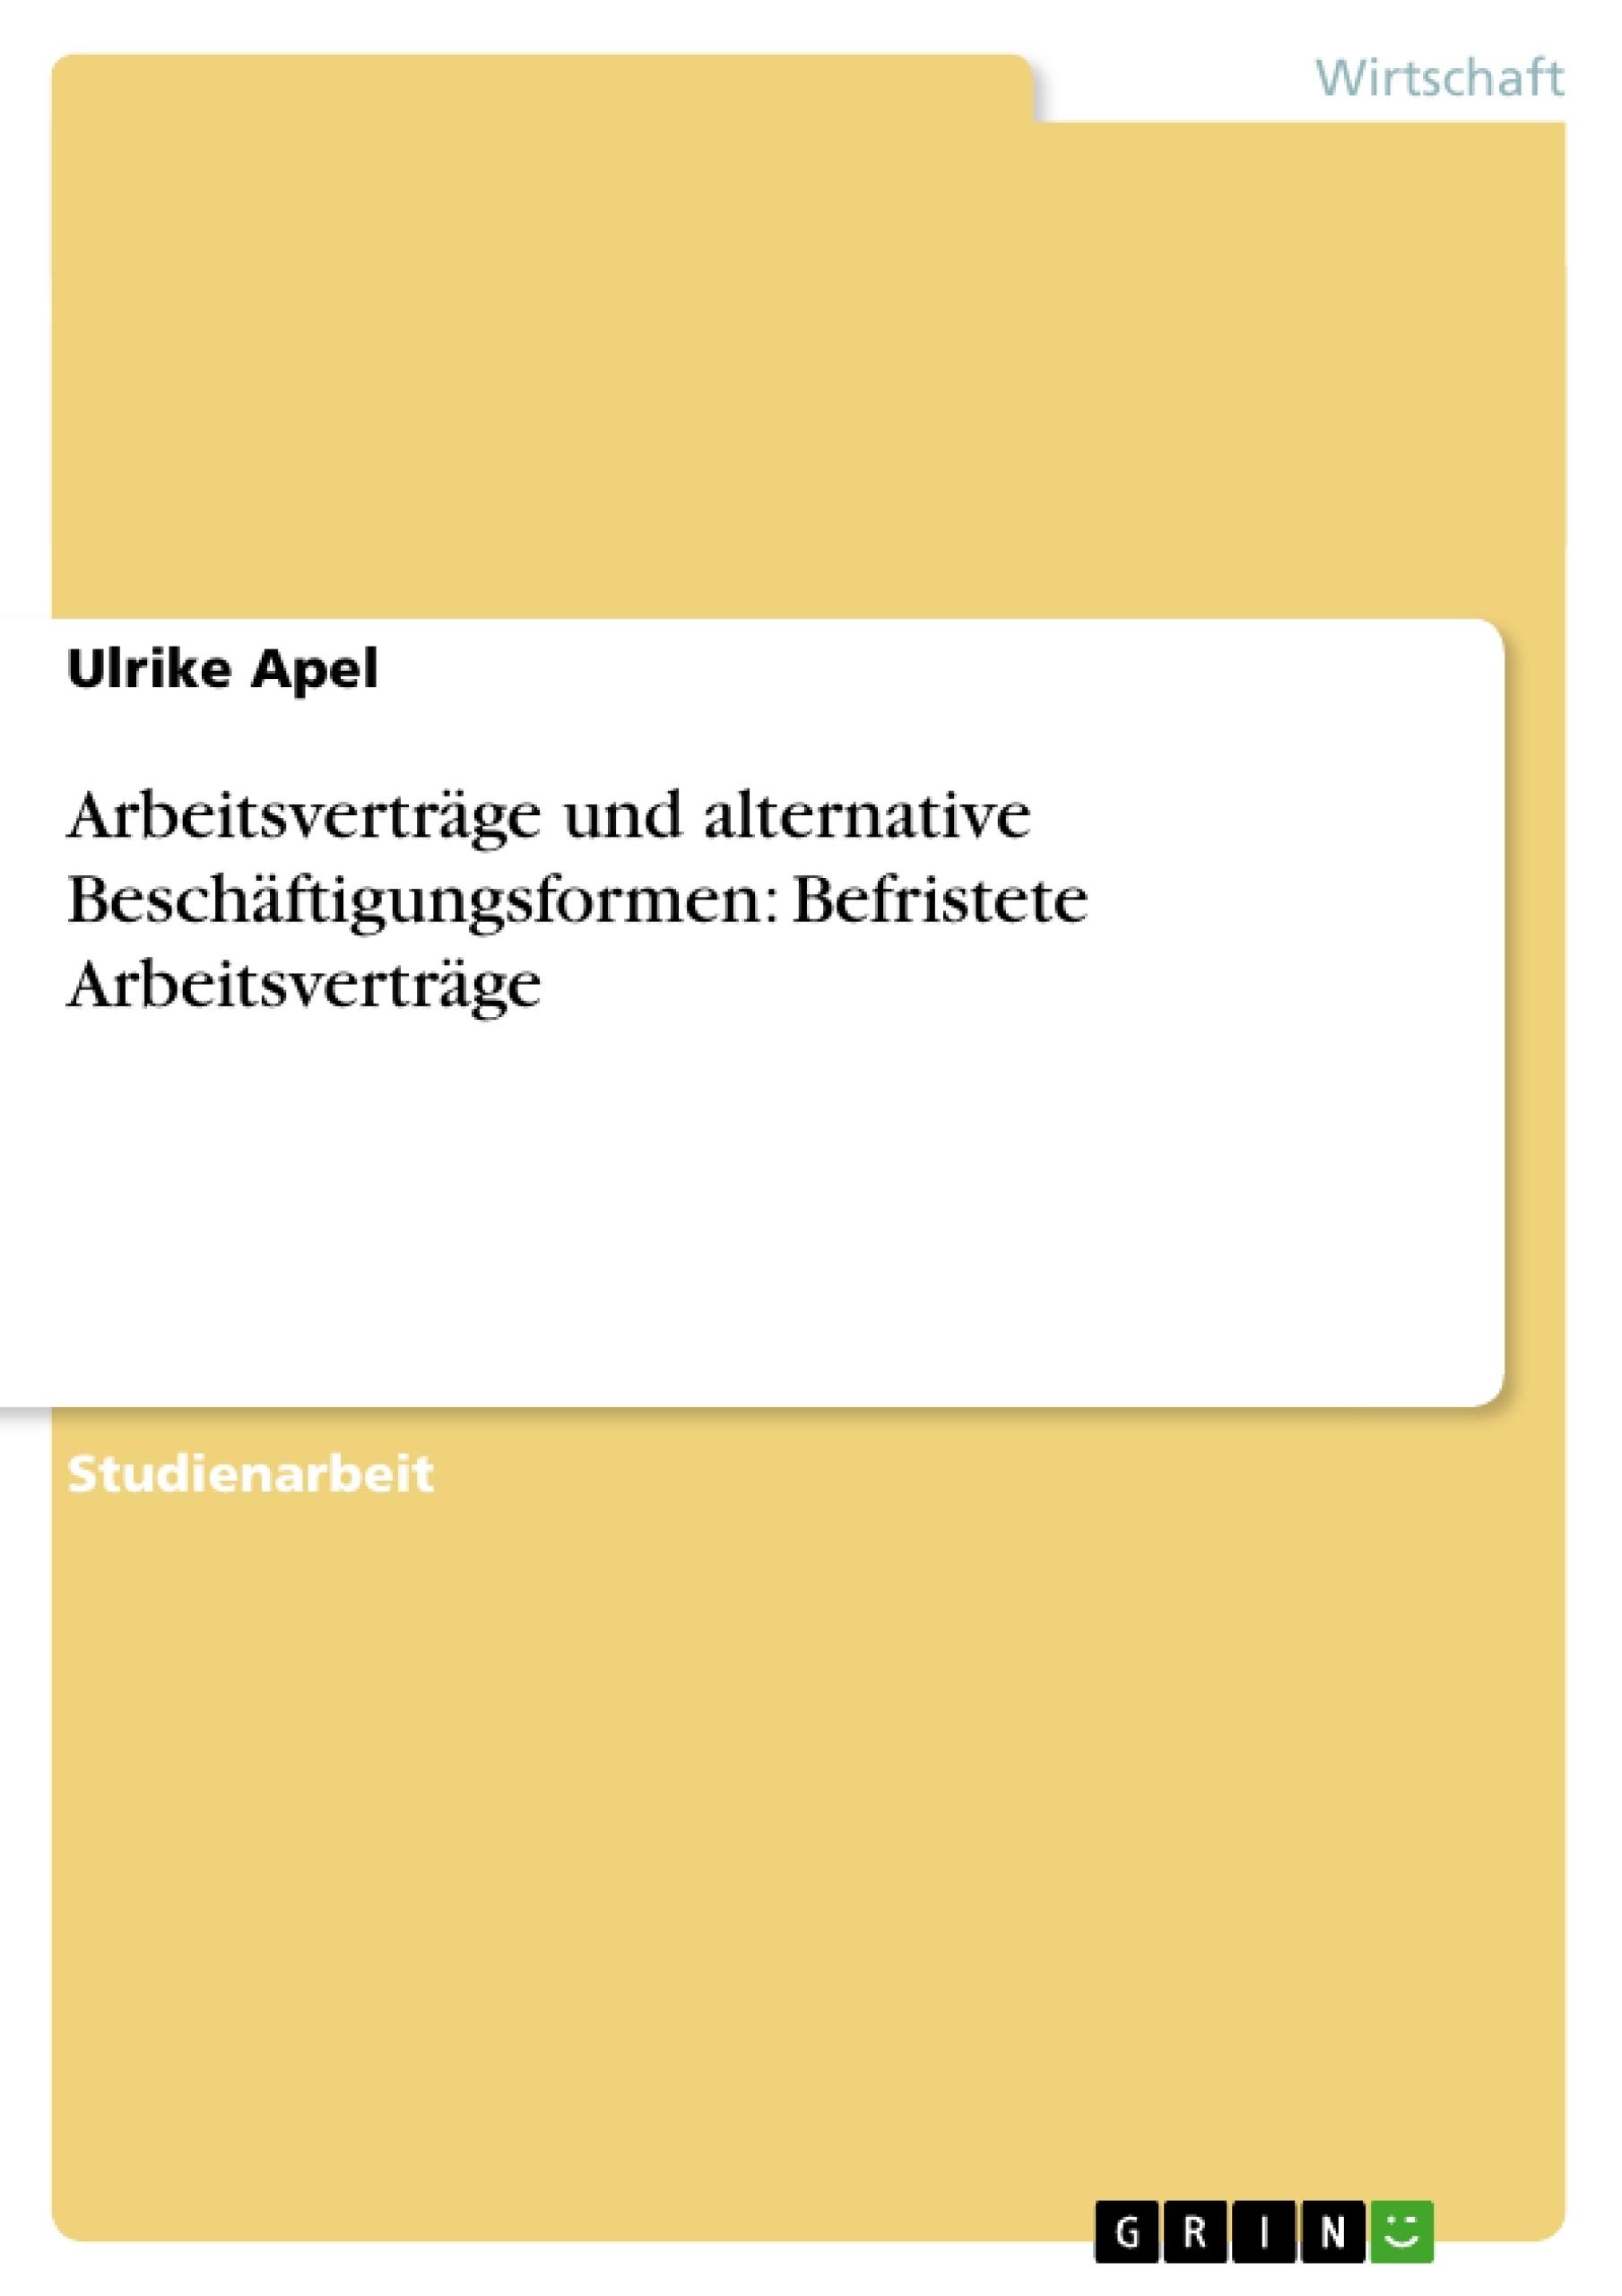 Titel: Arbeitsverträge und alternative Beschäftigungsformen: Befristete Arbeitsverträge